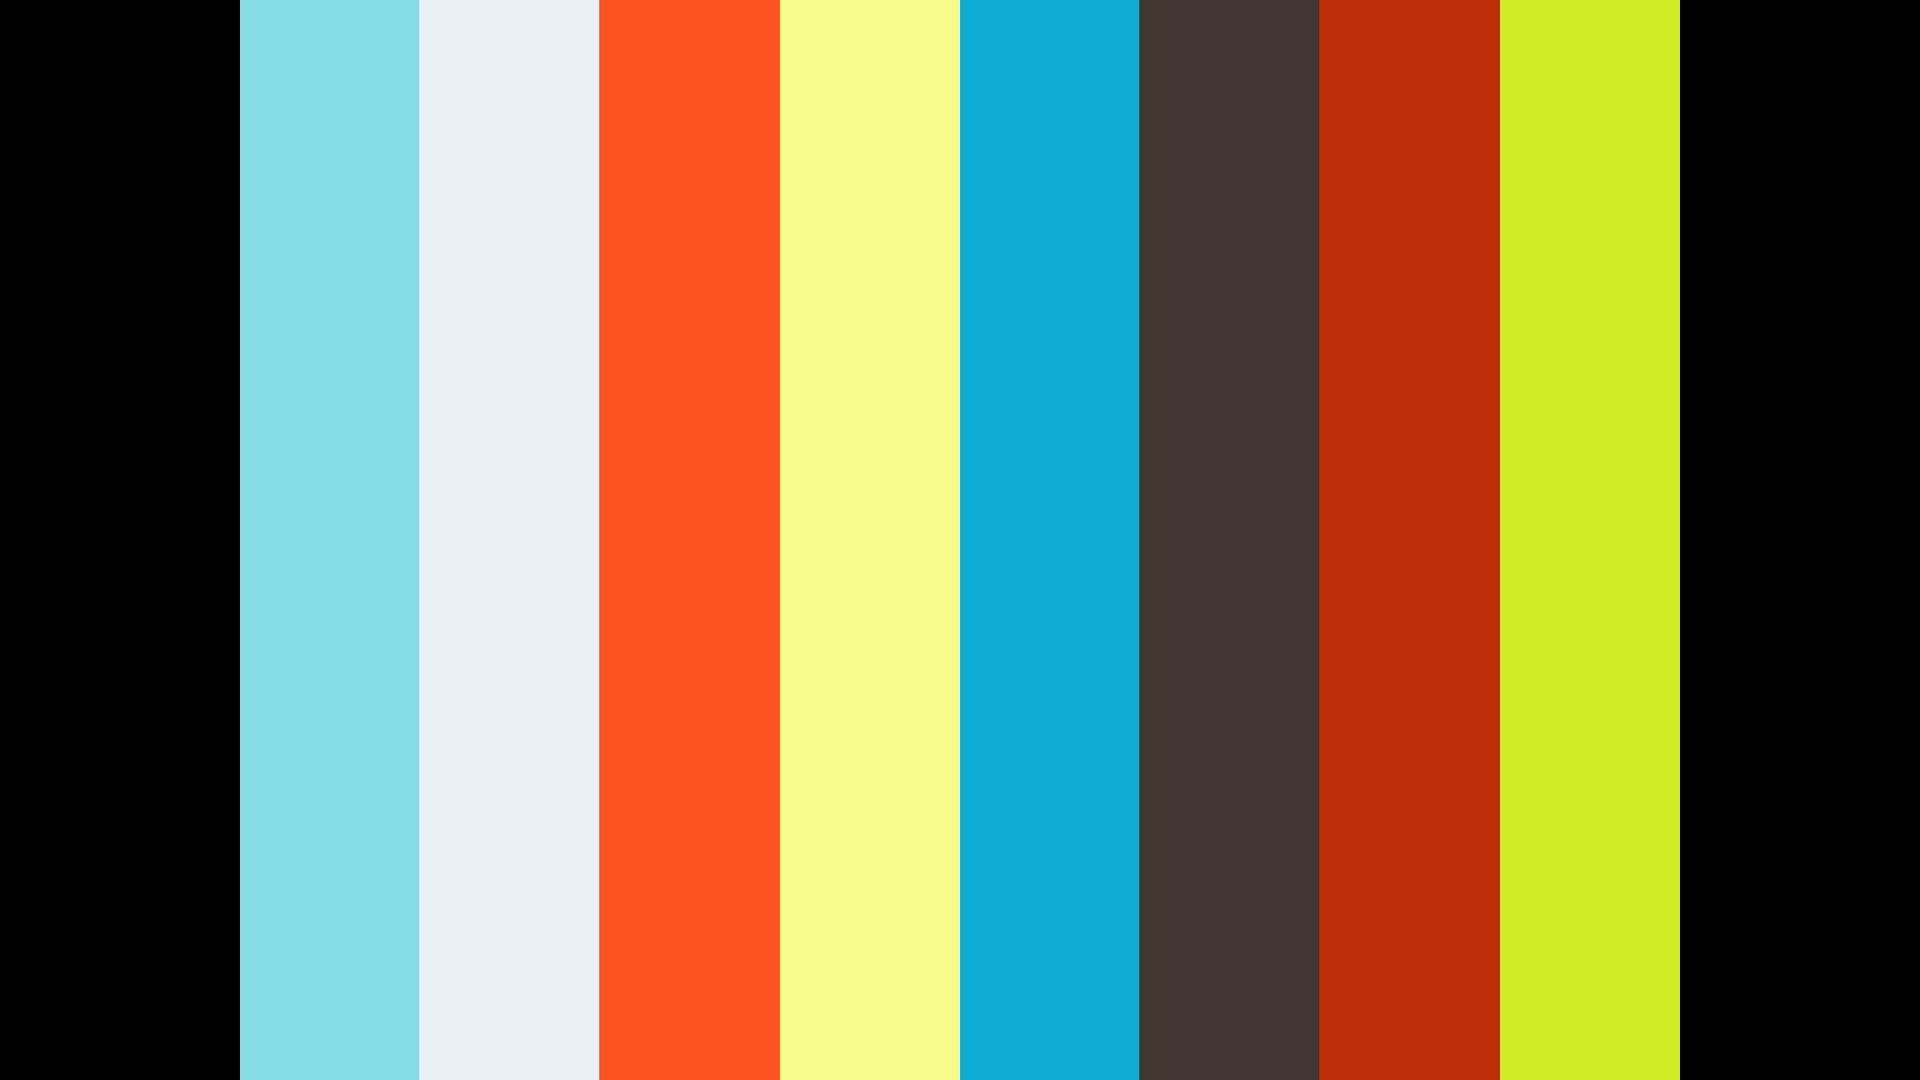 Conducta Sexual Compulsiva: Nuevos Avances Desde La Perspectiva de la CID-11 OMS